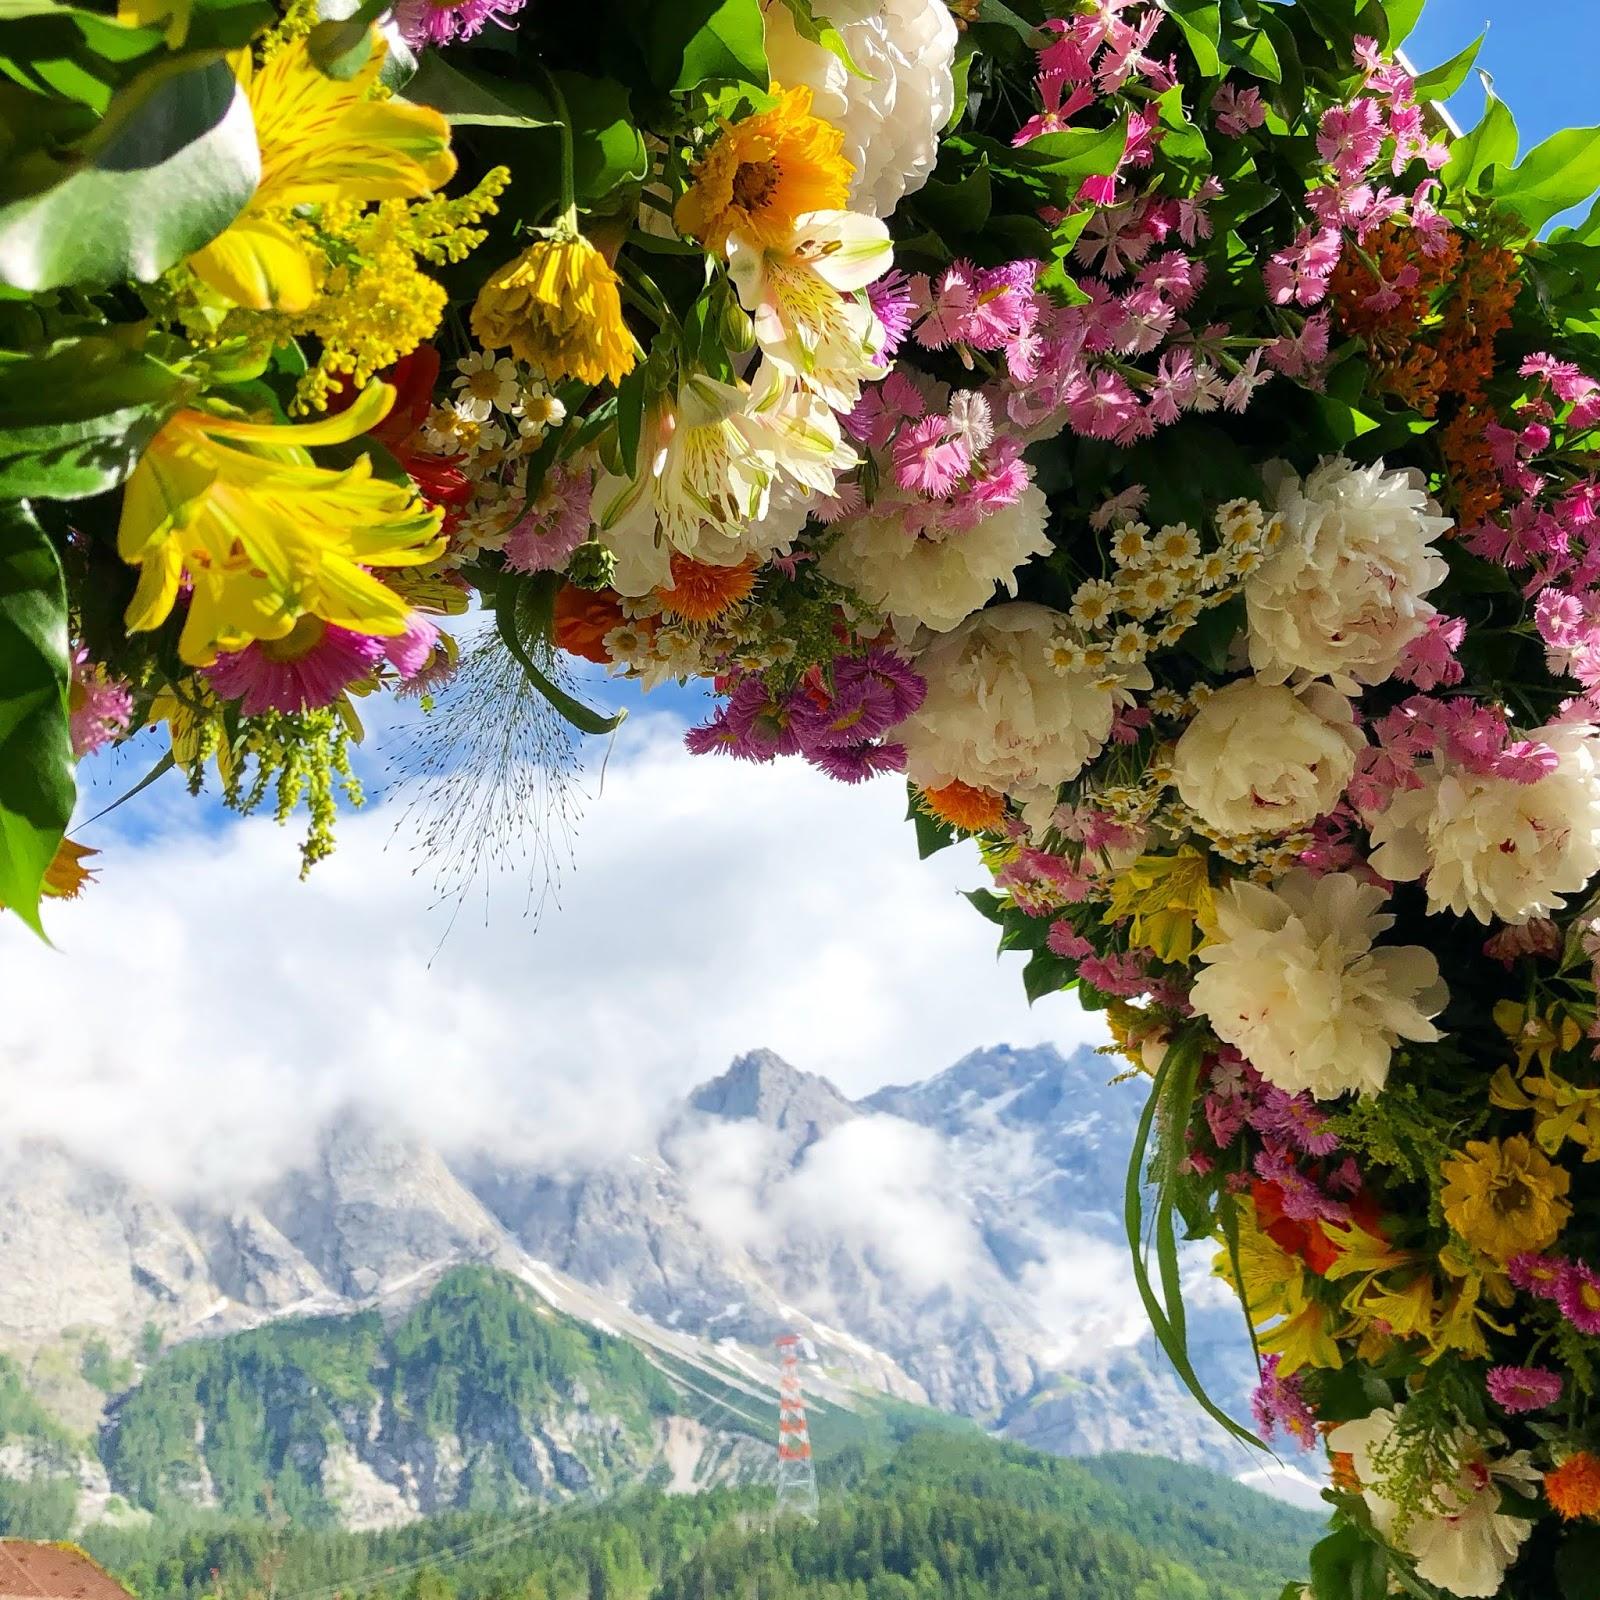 Hochzeit am See, Berghochzeit, mountain wedding, destination wedding Germany, heiraten in Bayern, Eibsee, Grainau, Zugspitze, Hochzeitsplanerin Uschi Glas, wedding in Bavaria